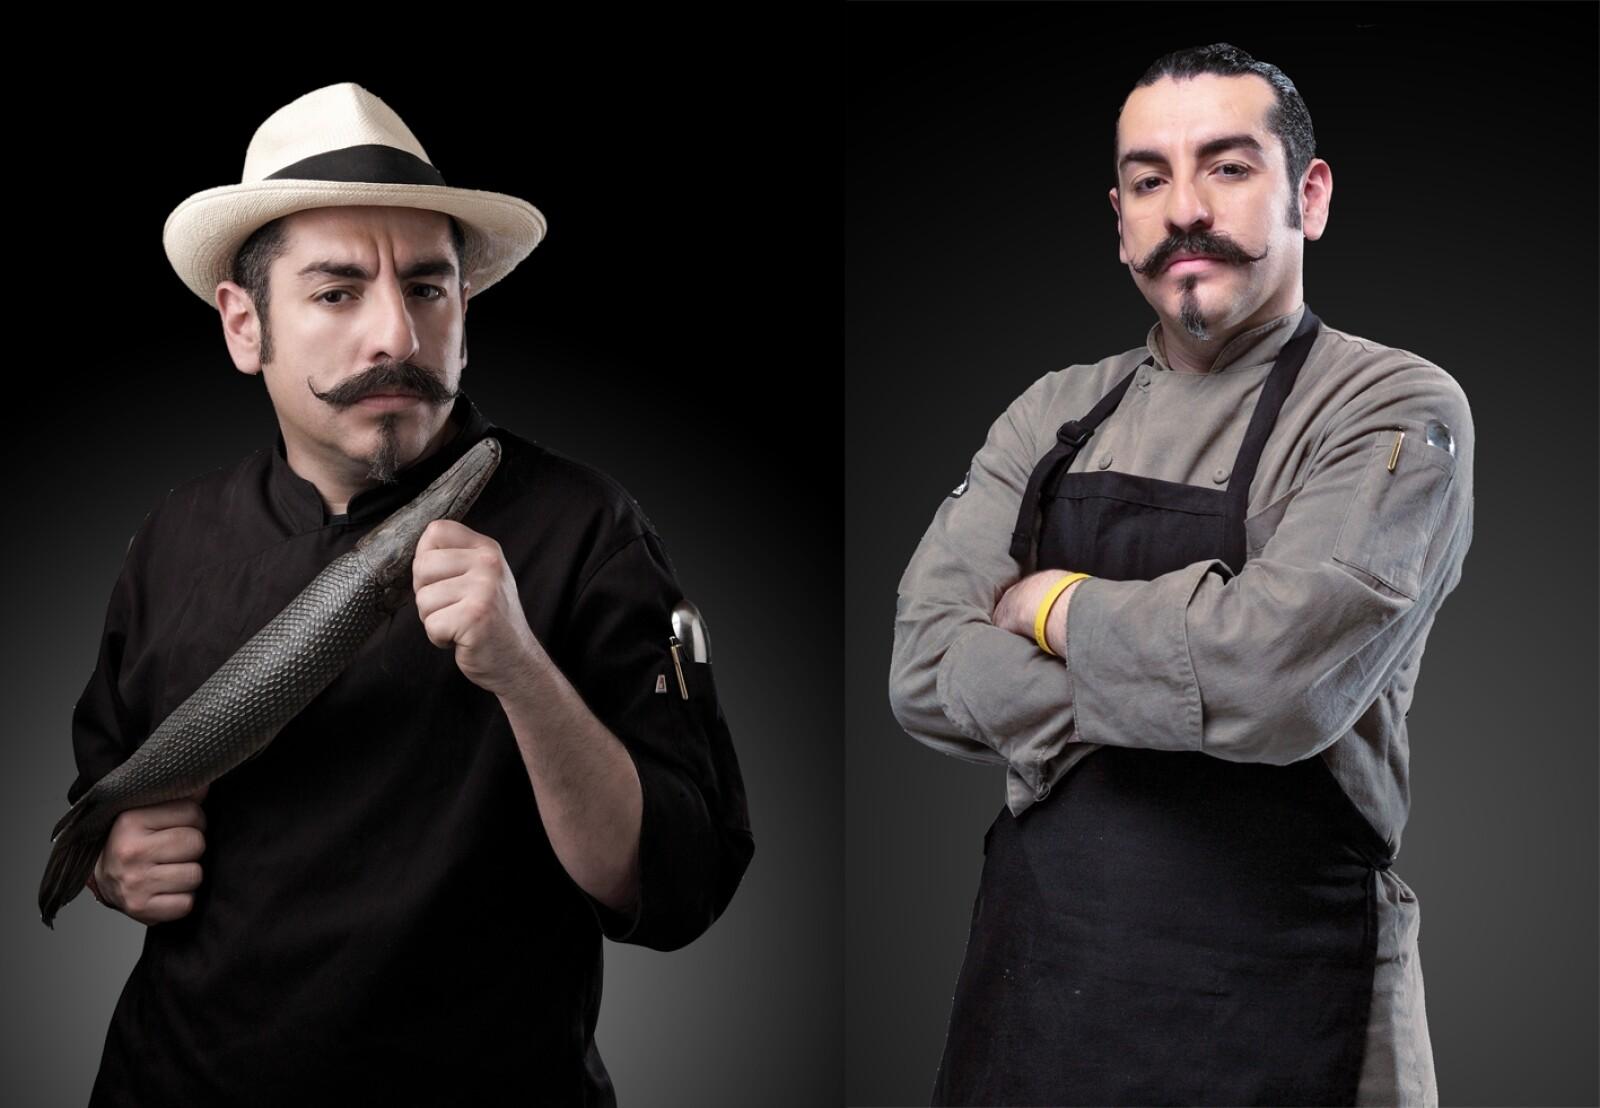 Aquiles, chef tabasqueño, es considerado uno de los mejores en México